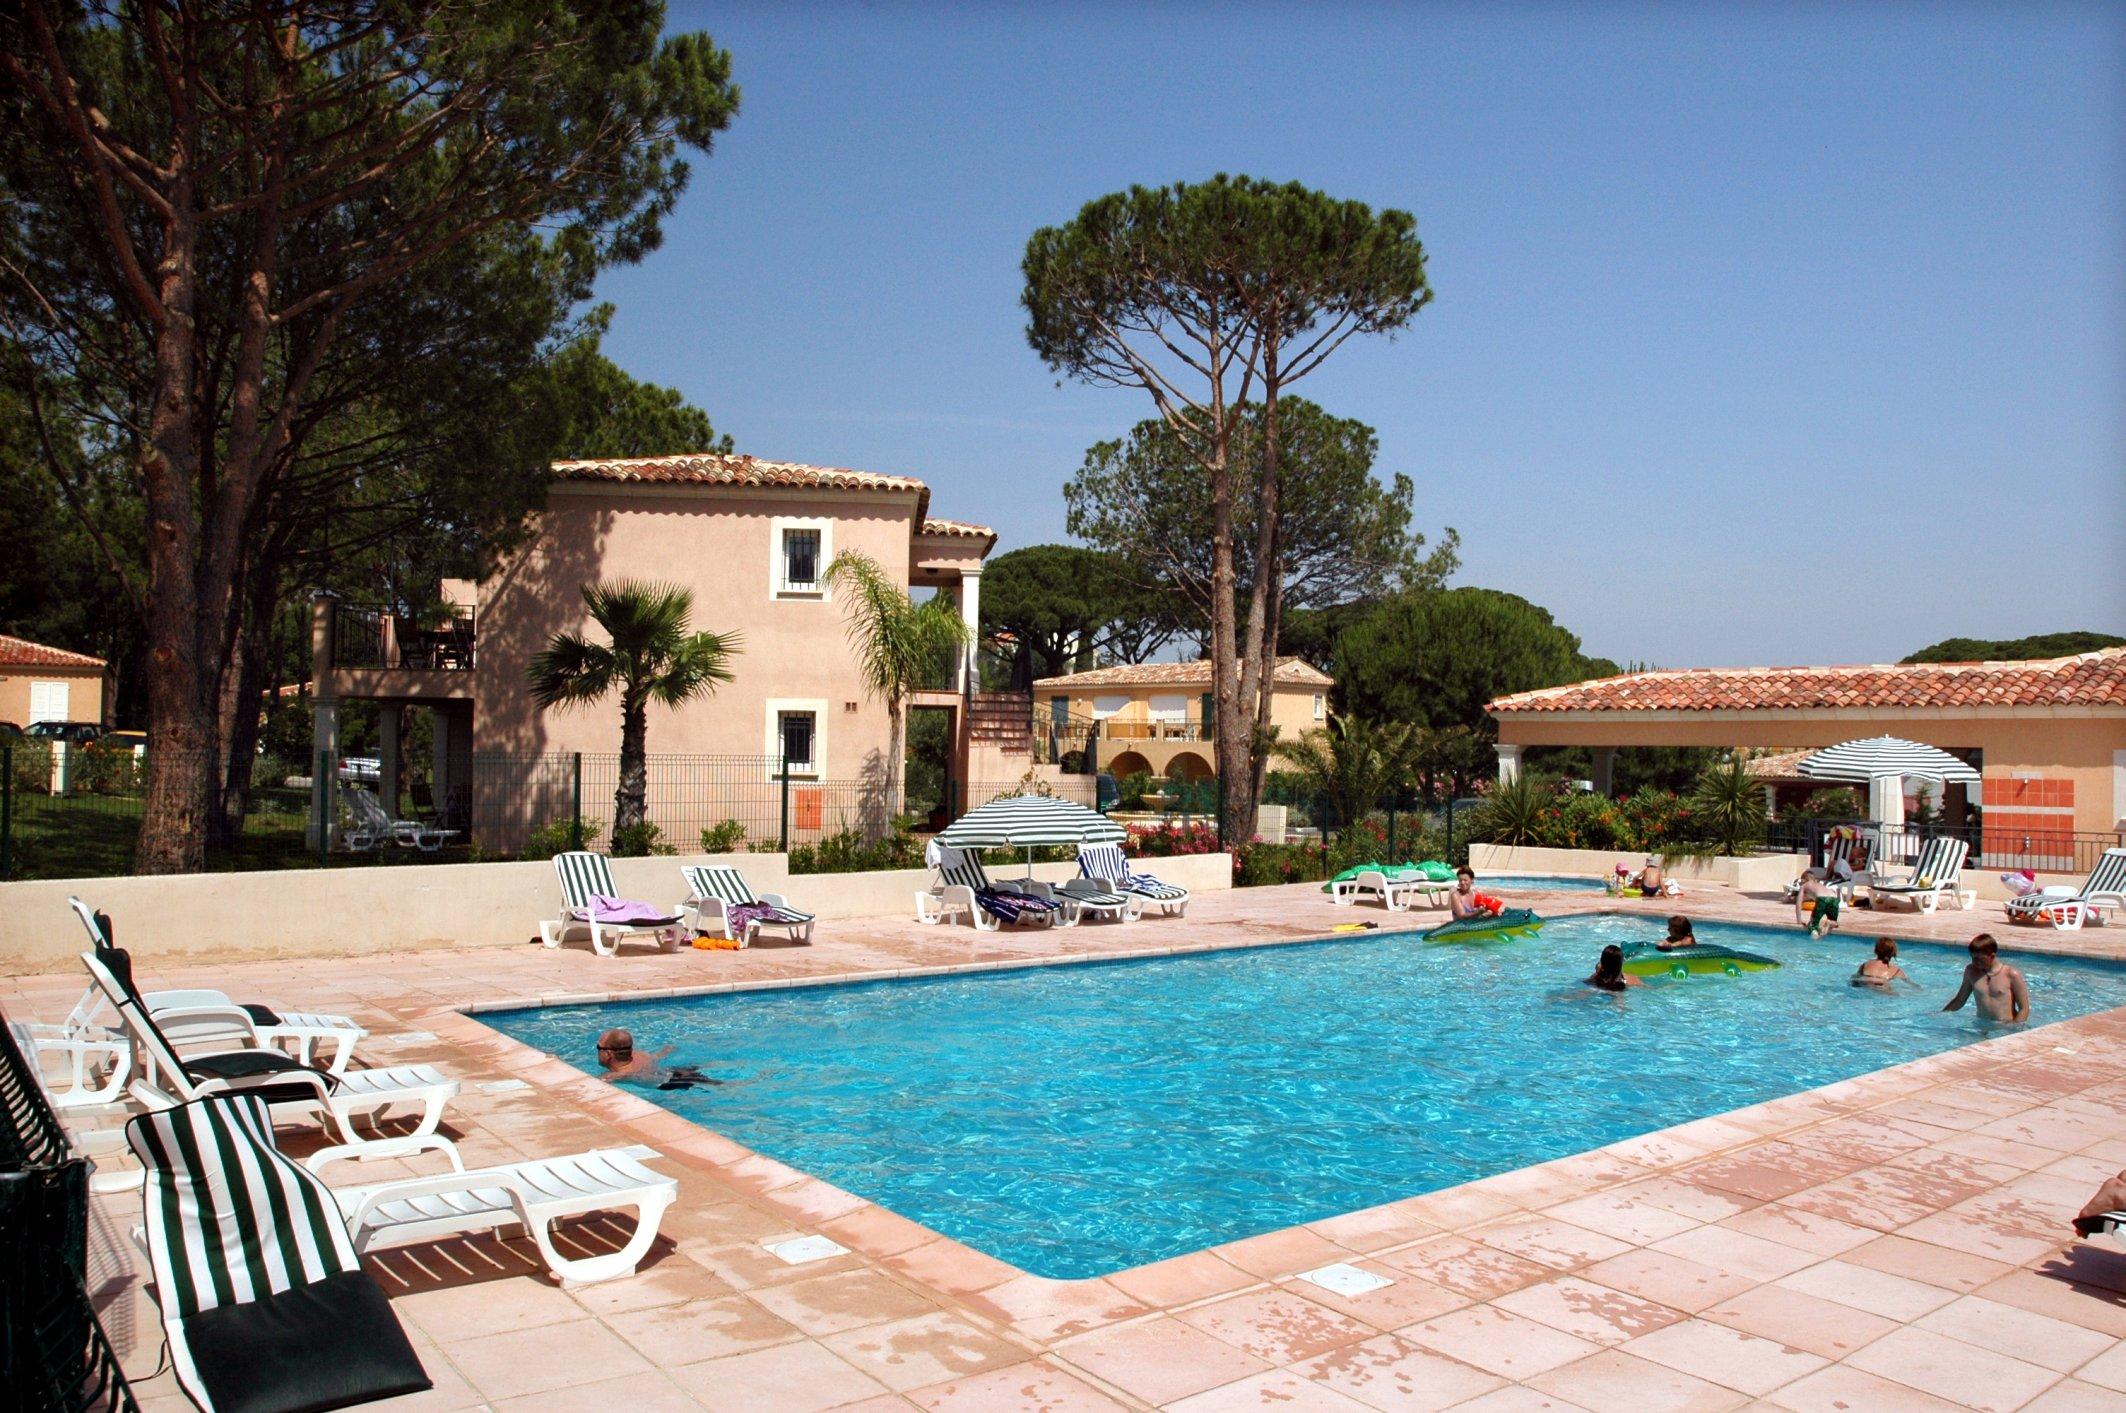 Ferienwohnung Gassin/St. Tropez 3p6 Le Clos-RDC/É (1063857), Gassin, Côte d'Azur, Provence - Alpen - Côte d'Azur, Frankreich, Bild 11